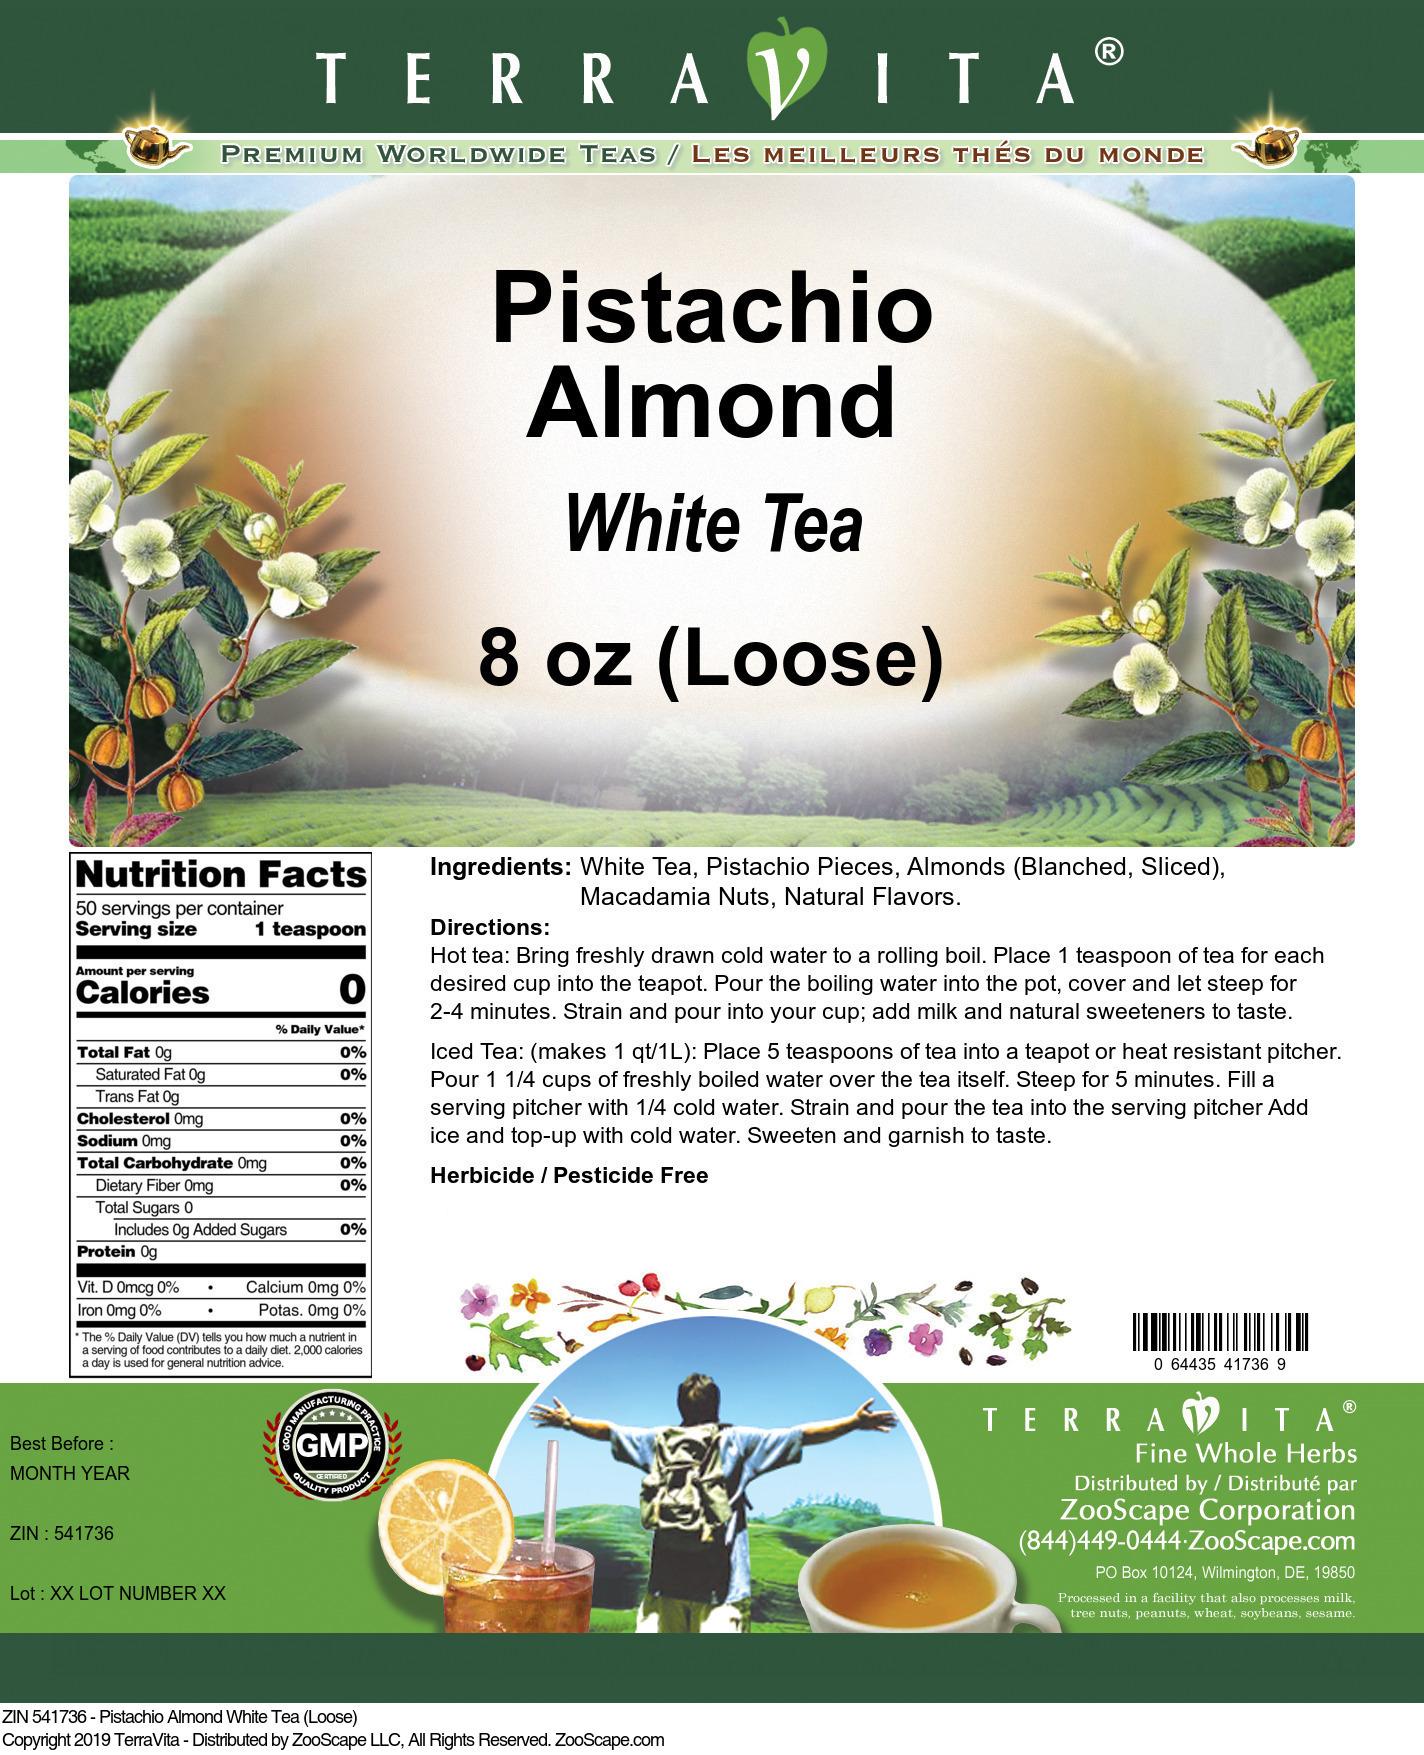 Pistachio Almond White Tea (Loose)